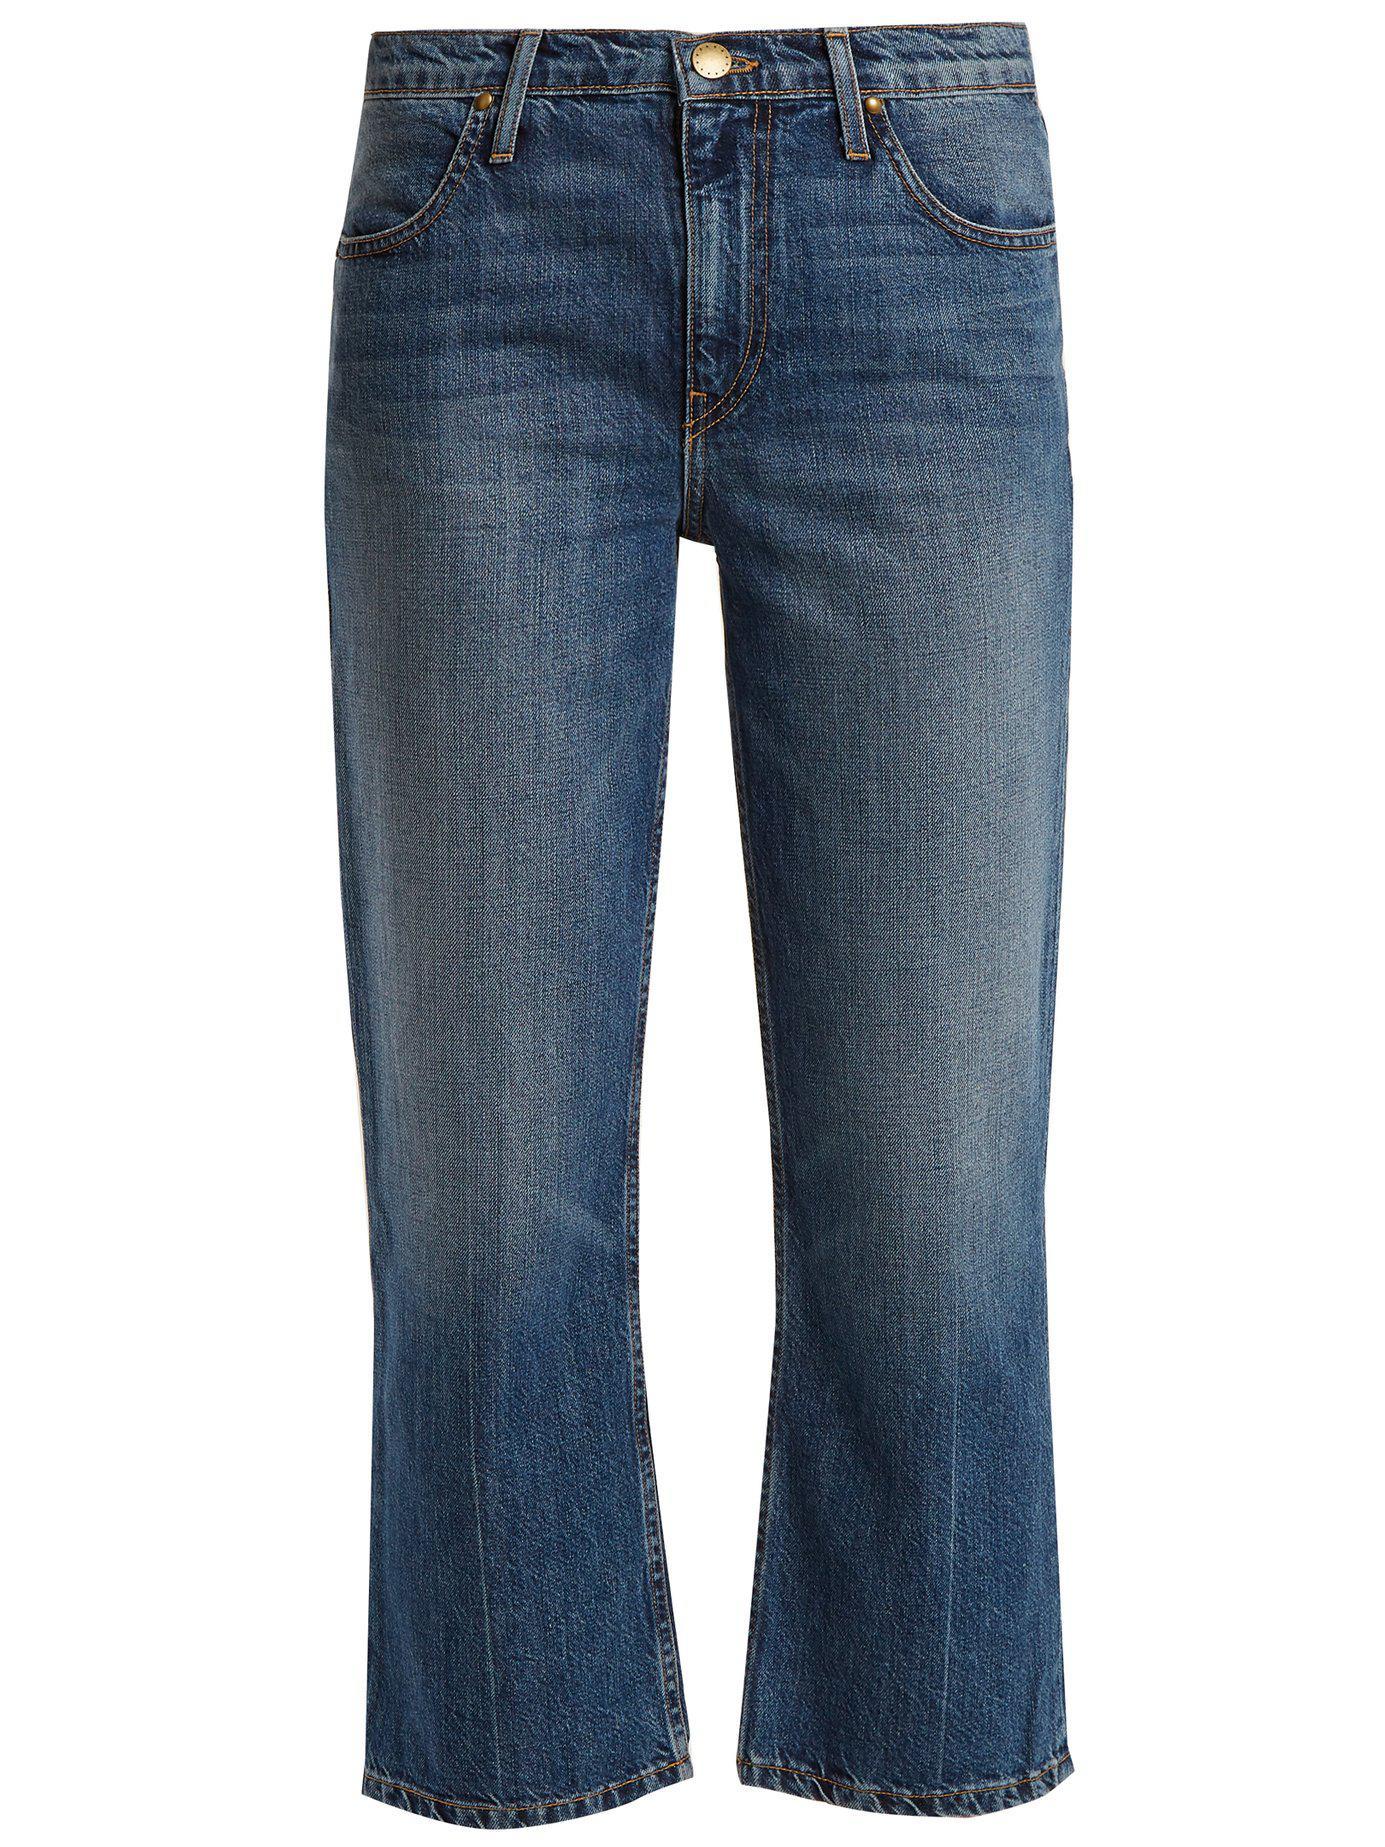 The Great Jean évasé taille mi-haute The Relaxed Nerd xlA9SP9bd